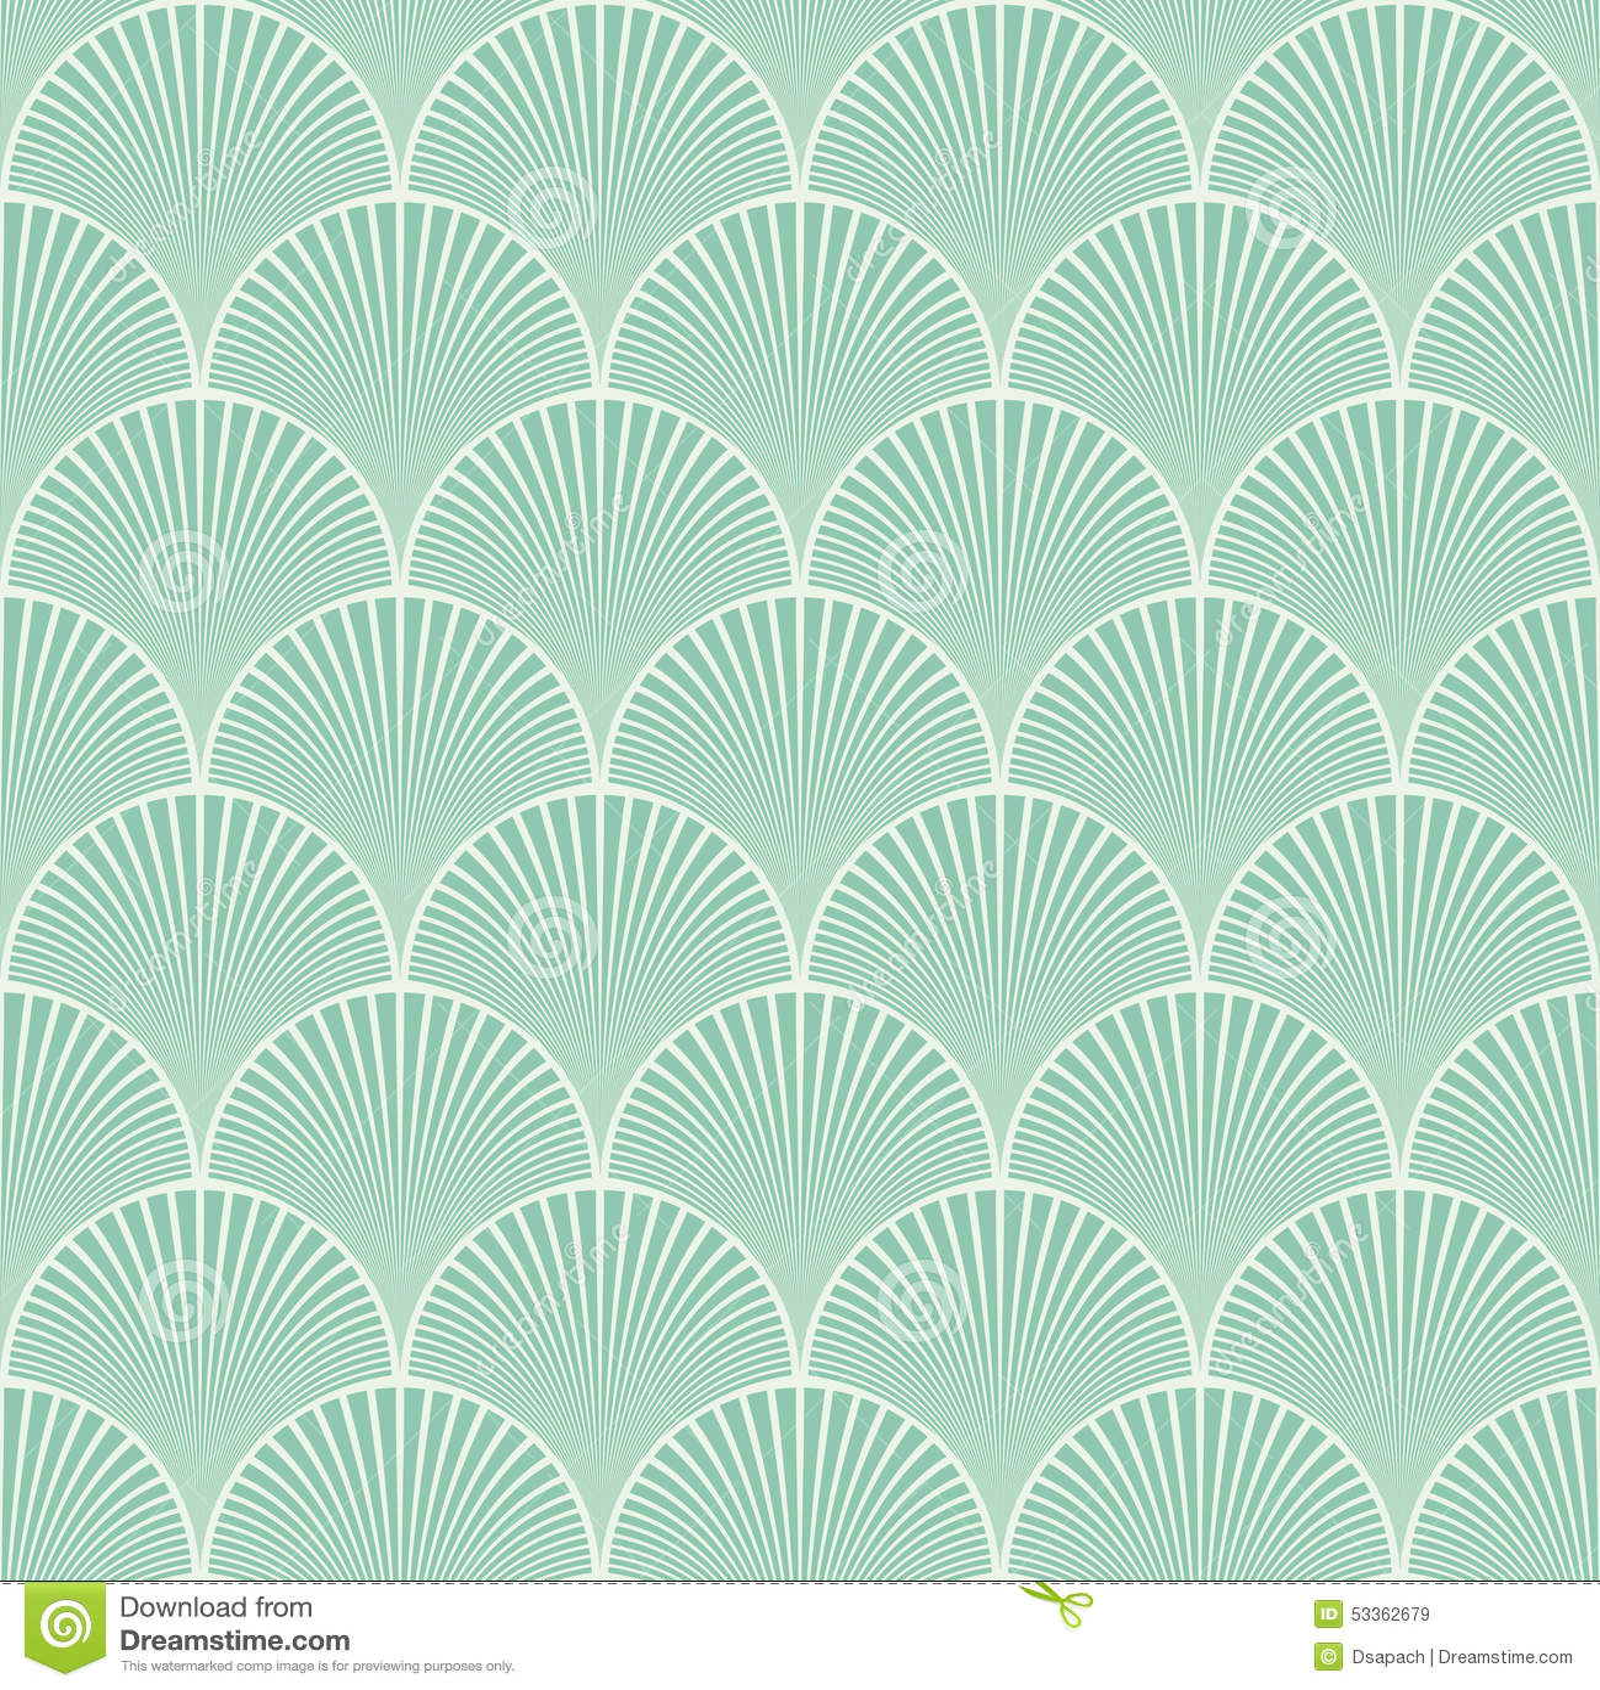 Vettore floreale del modello di onde di art deco giapponese senza cuciture del turchese